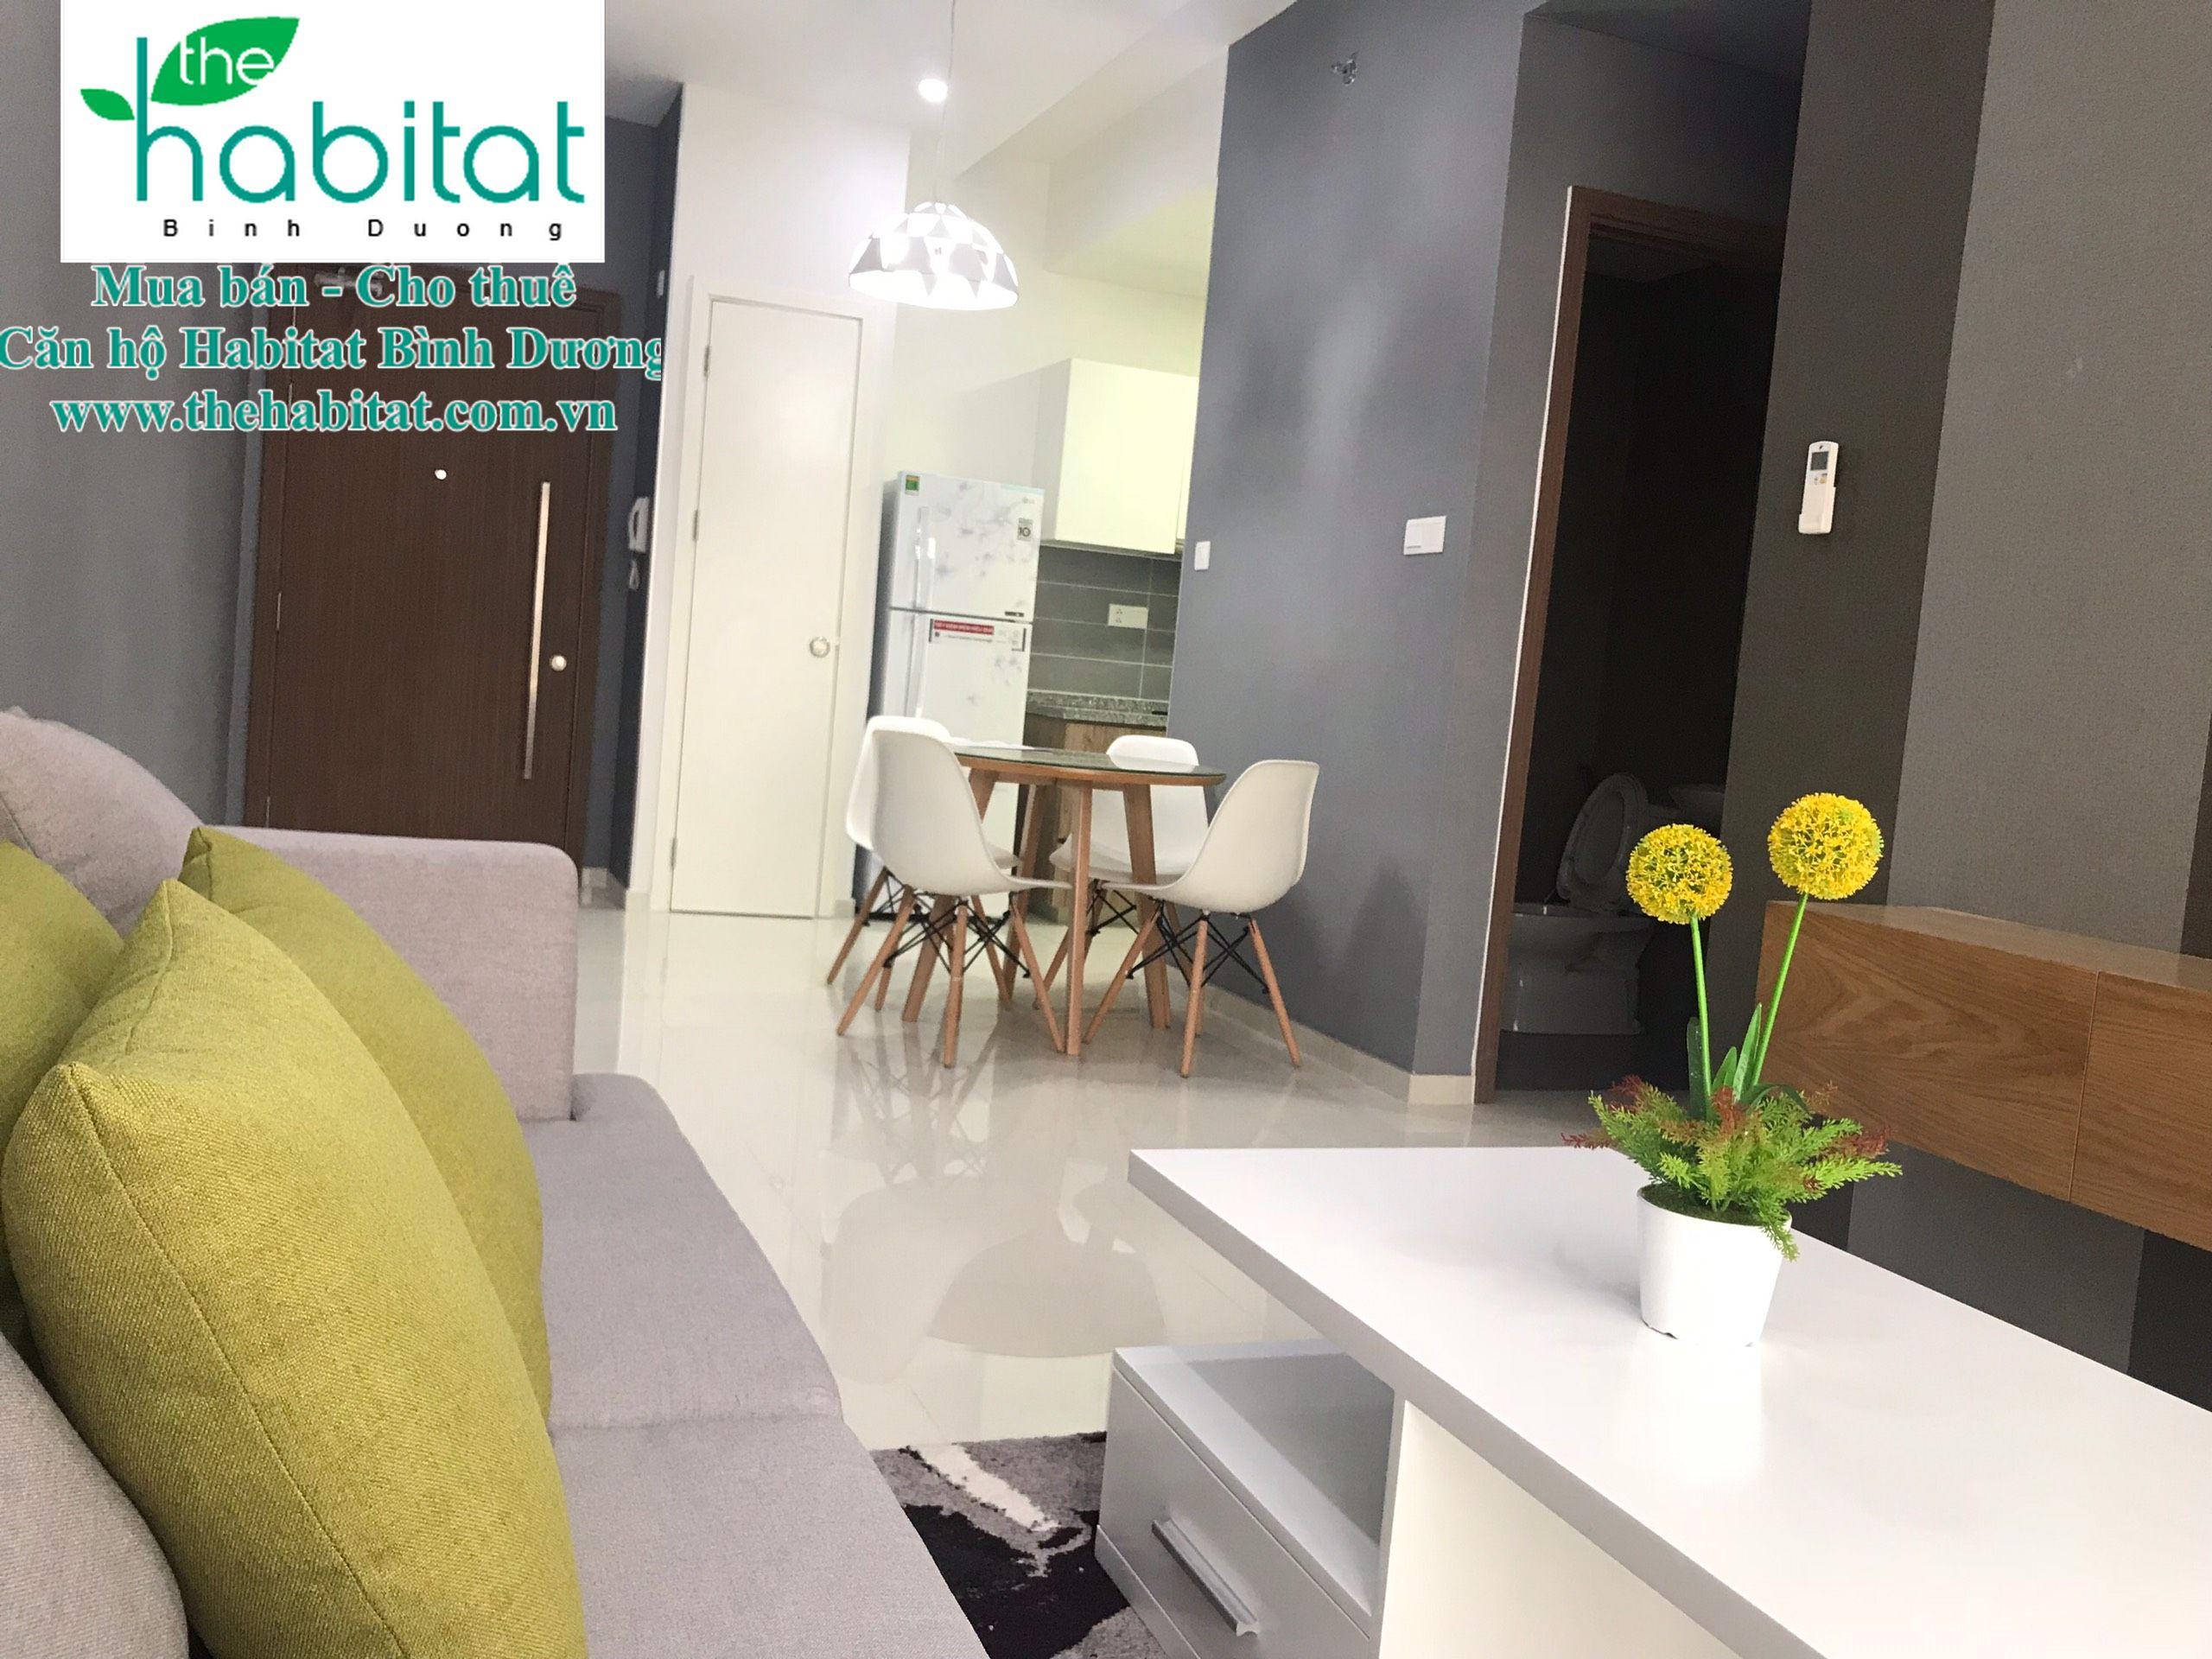 Căn hộ 62 m2 tầng 12a full nội thất cho thuê dài hạn, view SG